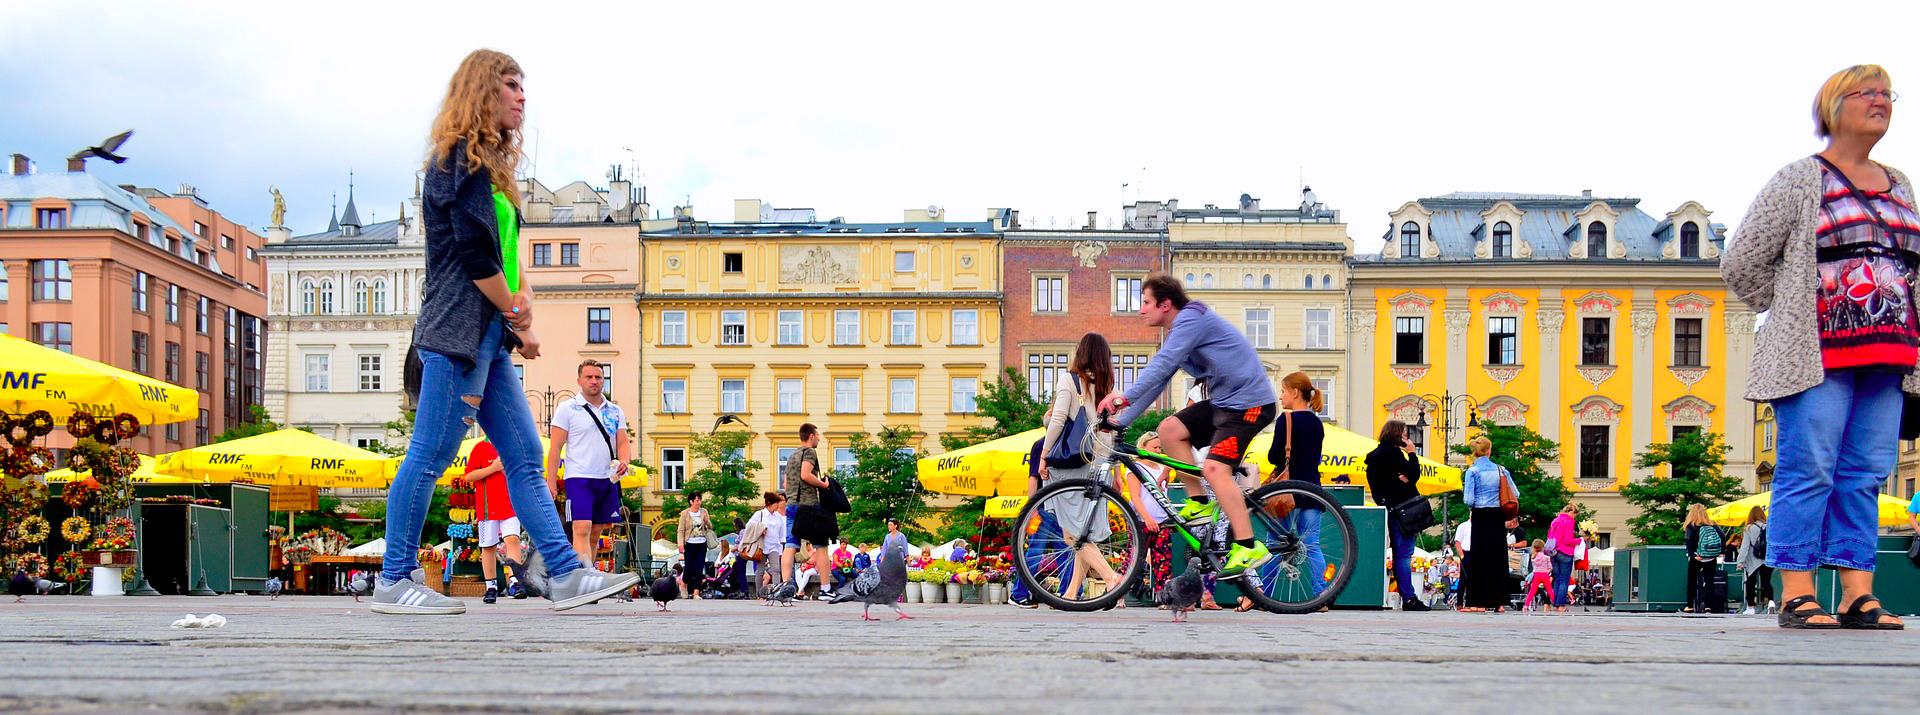 Qué ver en Cracovia, Krakow, Polonia, Poland qué ver en cracovia - 38652462730 a7feccb420 o - Qué ver en Cracovia, Polonia